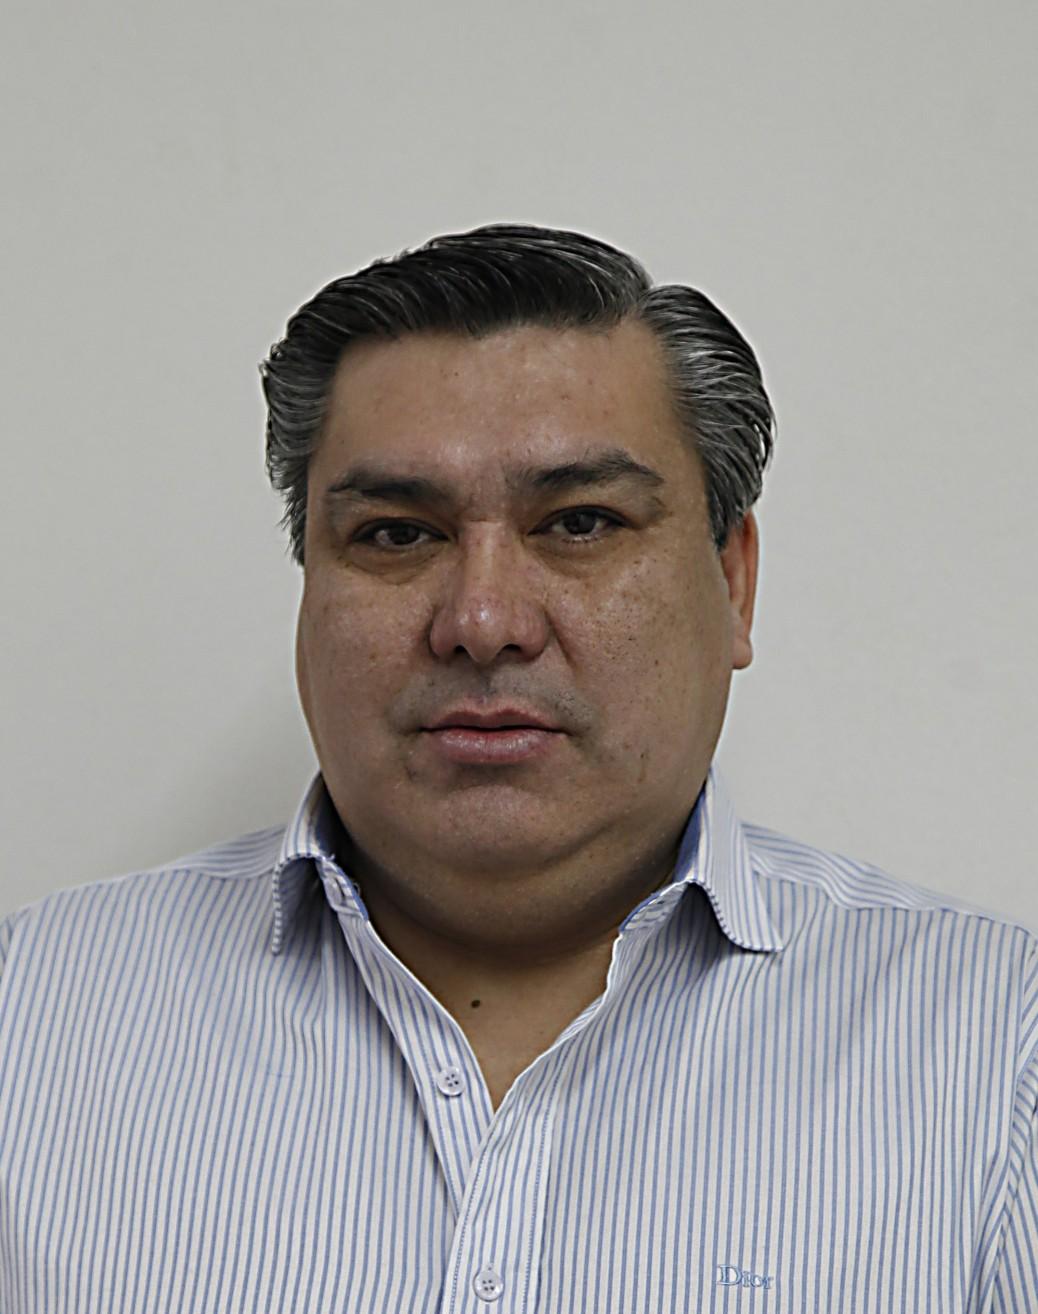 Diaz, Patricio Luis 22097934 inspector